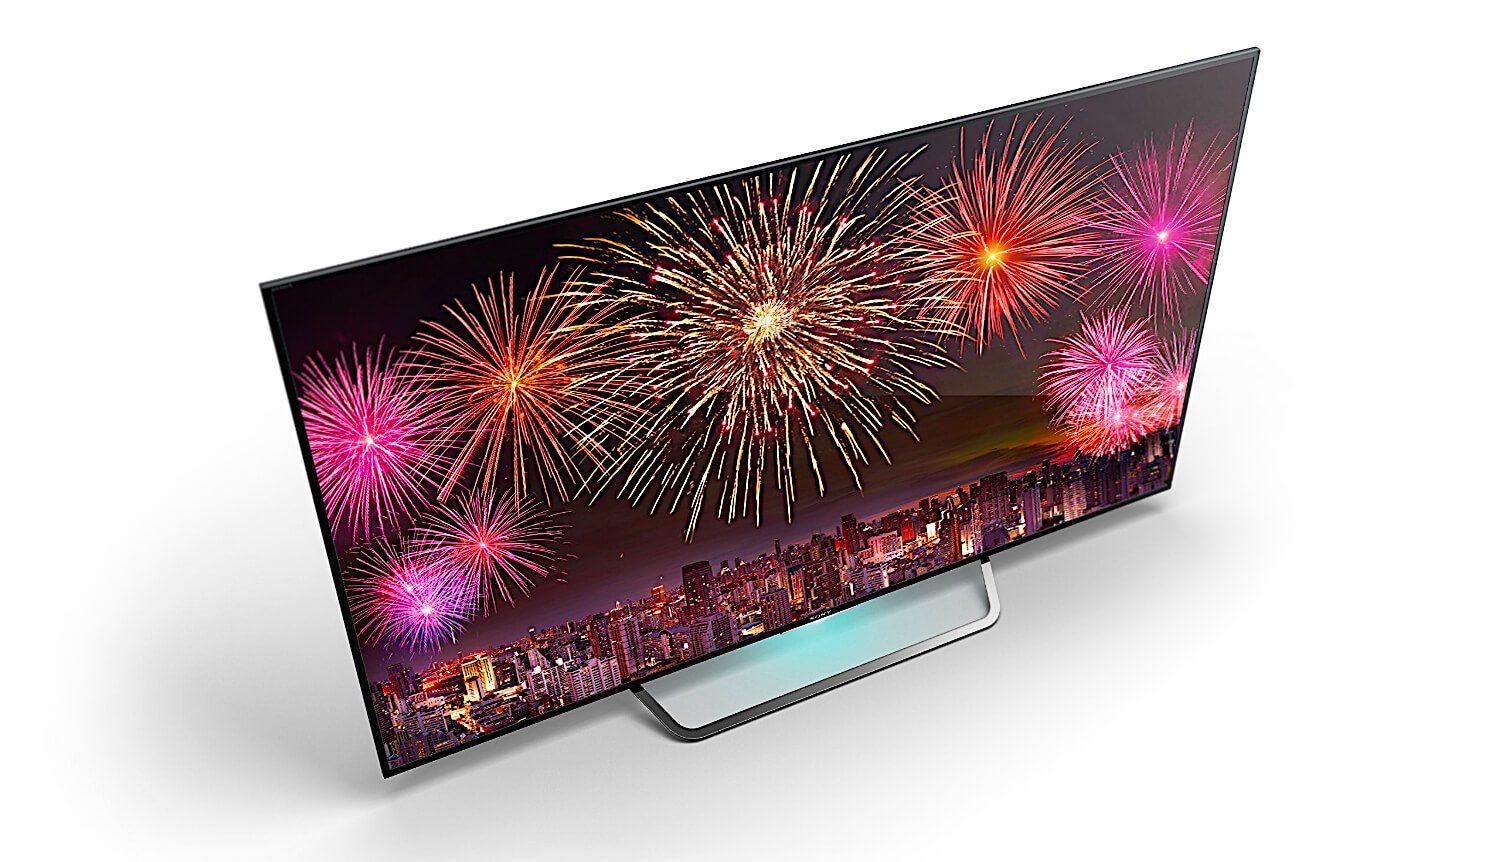 Grundig Fernseher Mit Laptop Verbinden : Empfehlung: diese 4k fernseher funktionieren als pc monitor